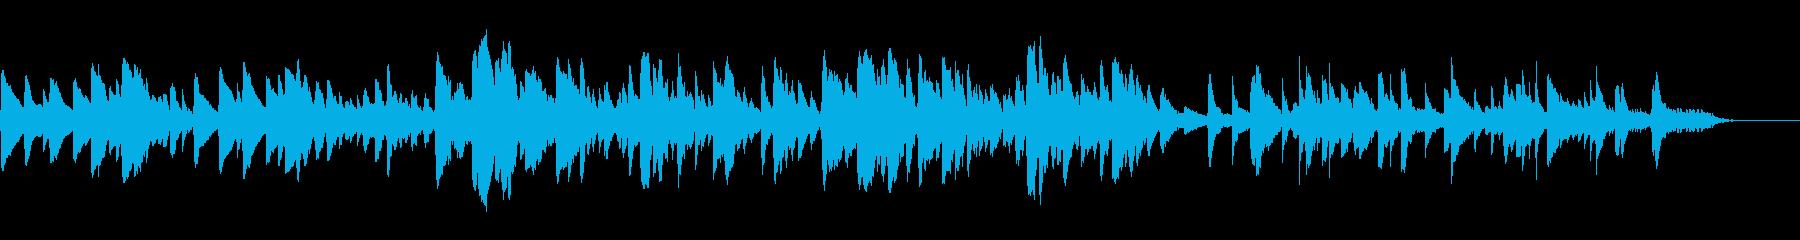 可愛らしく柔らかい雰囲気のBGMの再生済みの波形